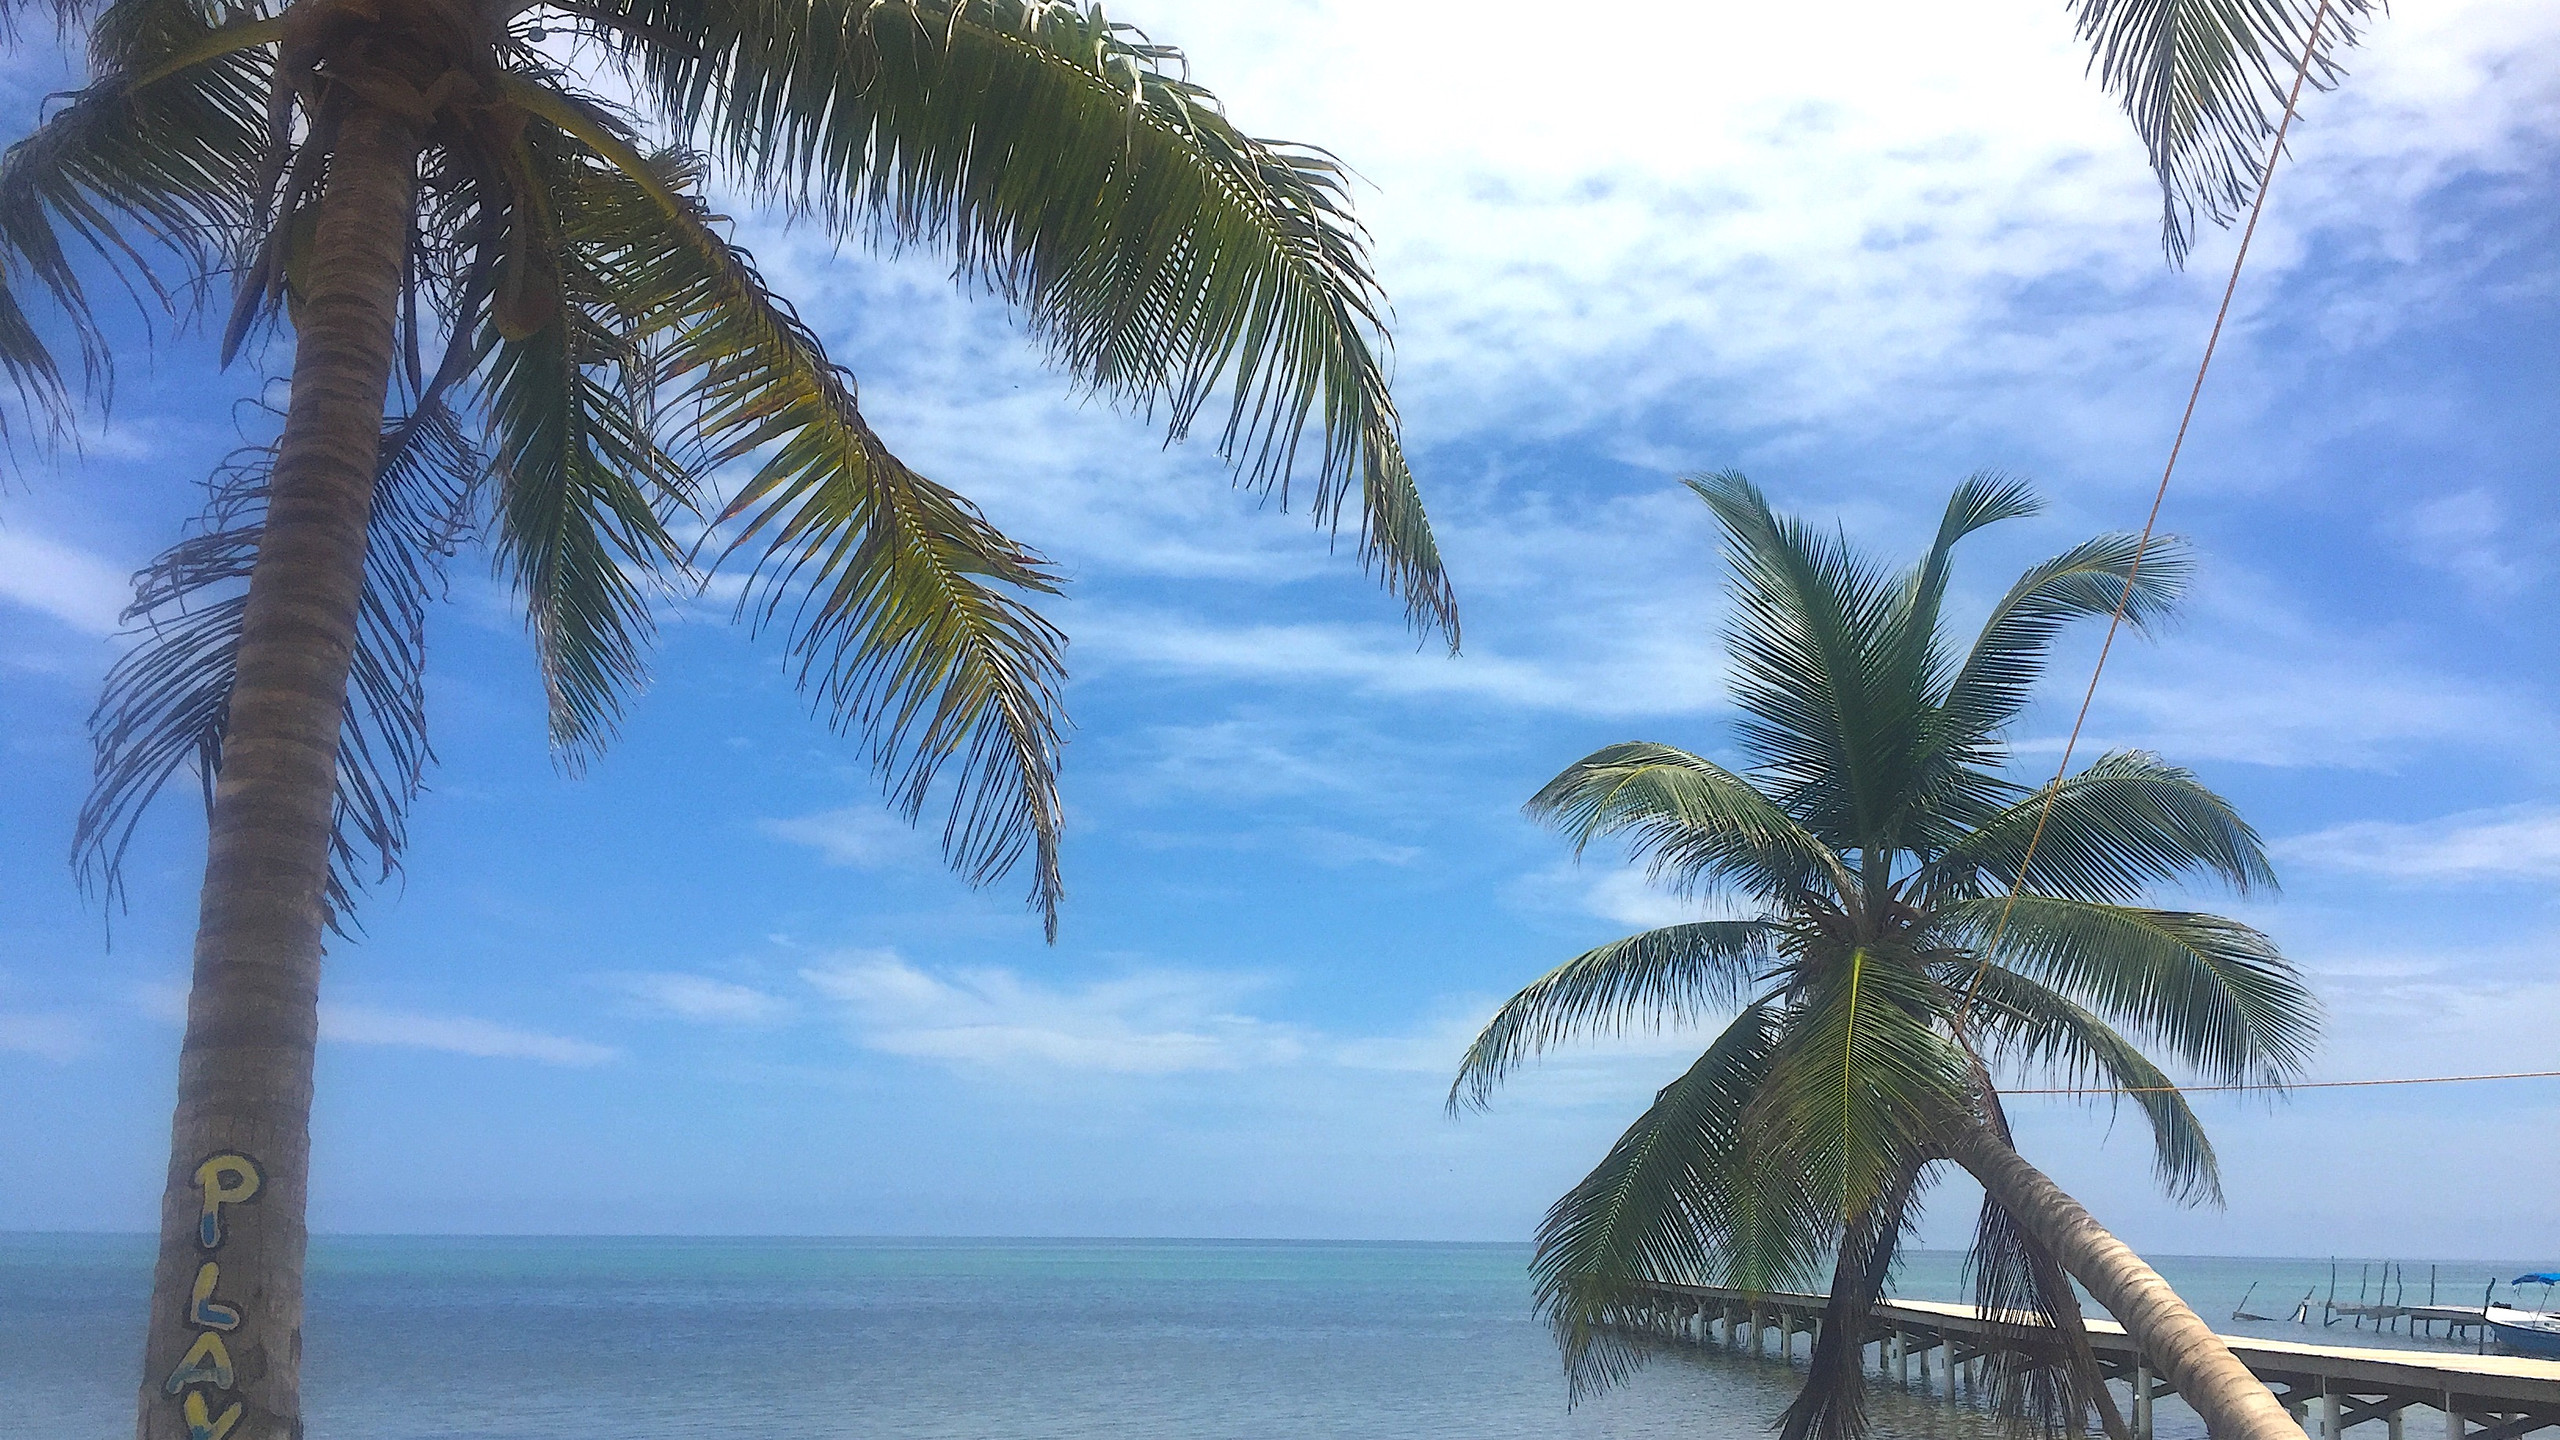 Ocean views Caye Caulker